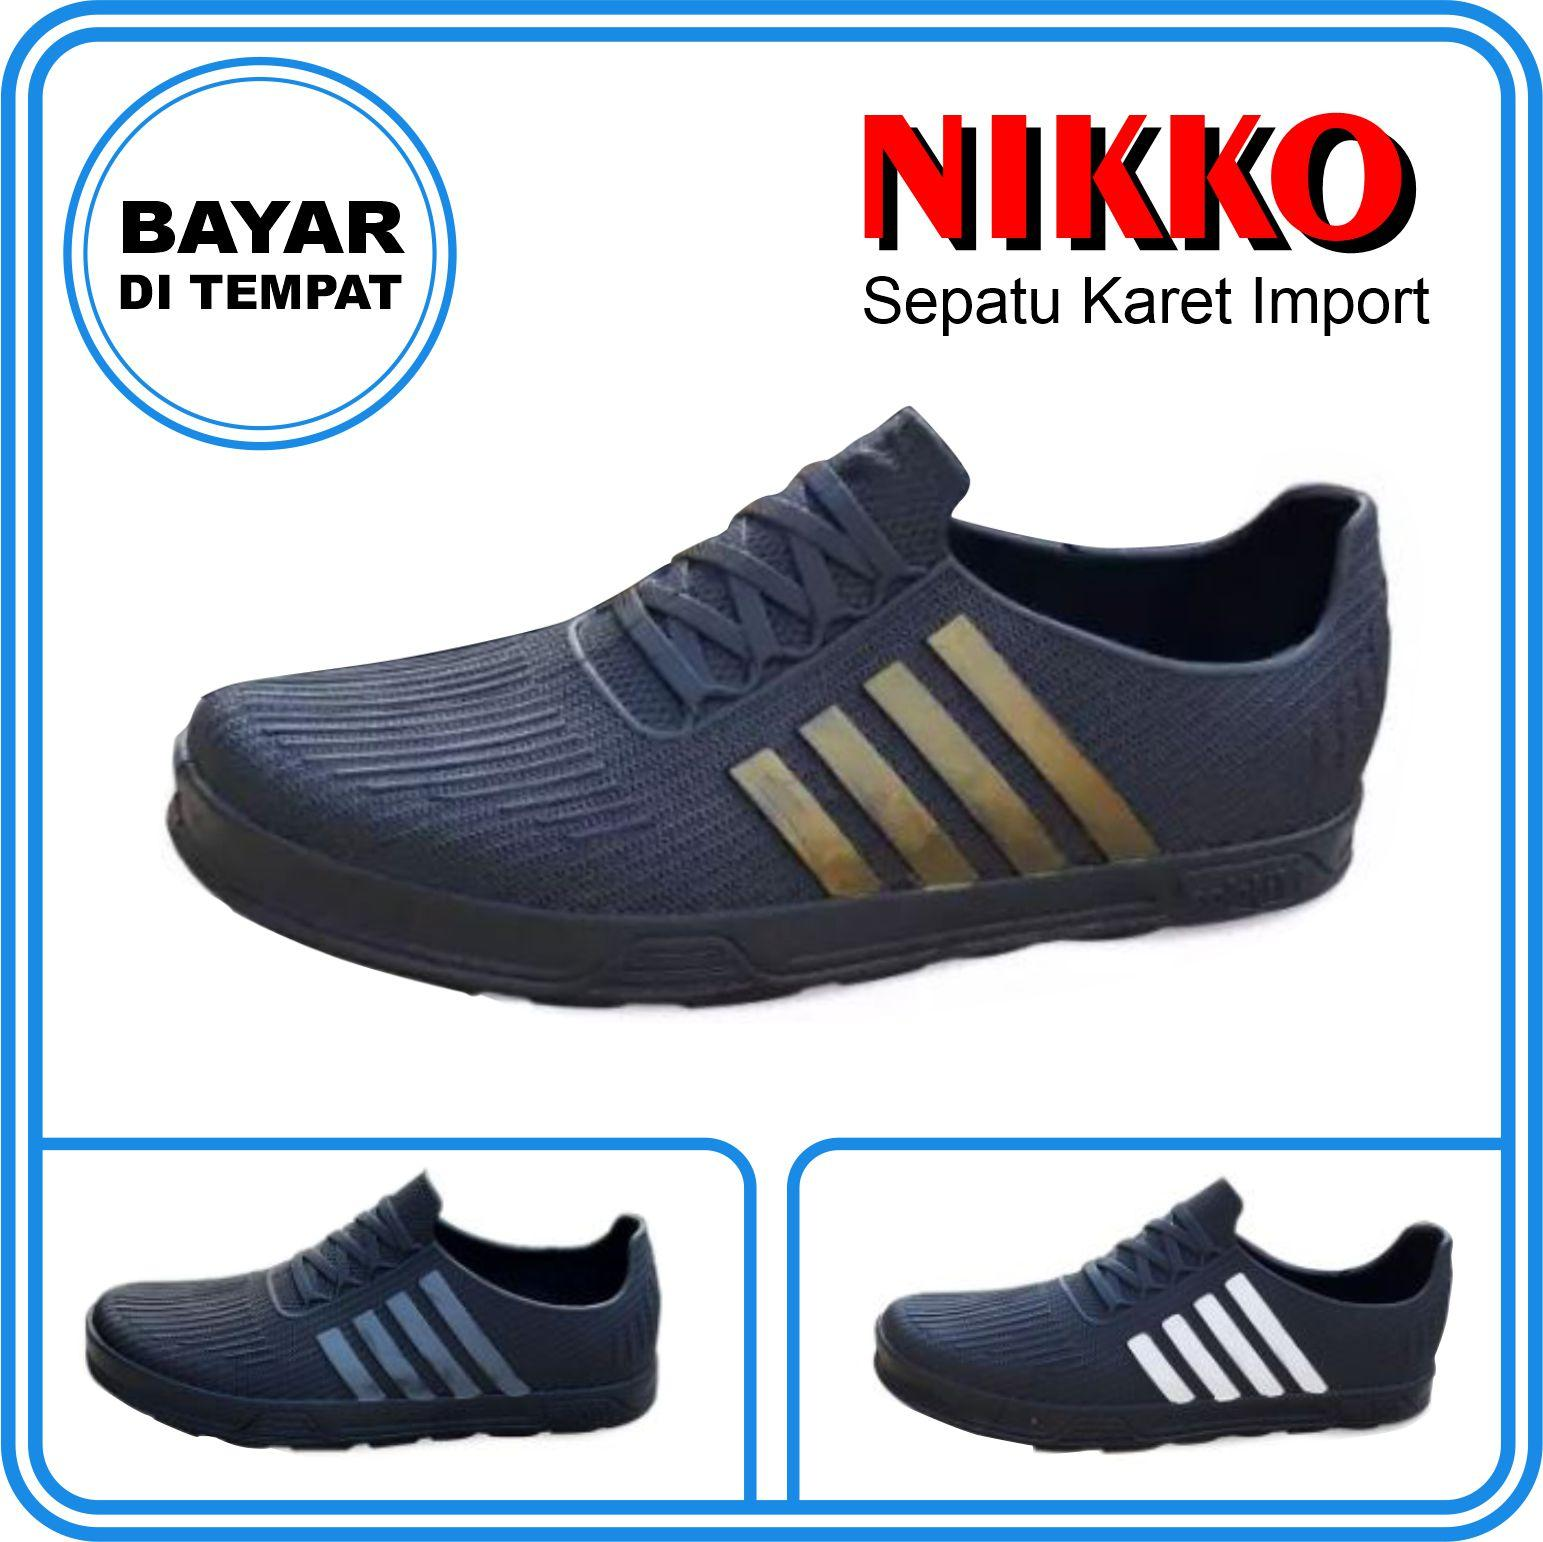 troya –  sepatu nikko awet berkualitas 38-43 / sepatu karet berkualitas / shkr sepaturingan lari santai gaul berkualitas troyastore